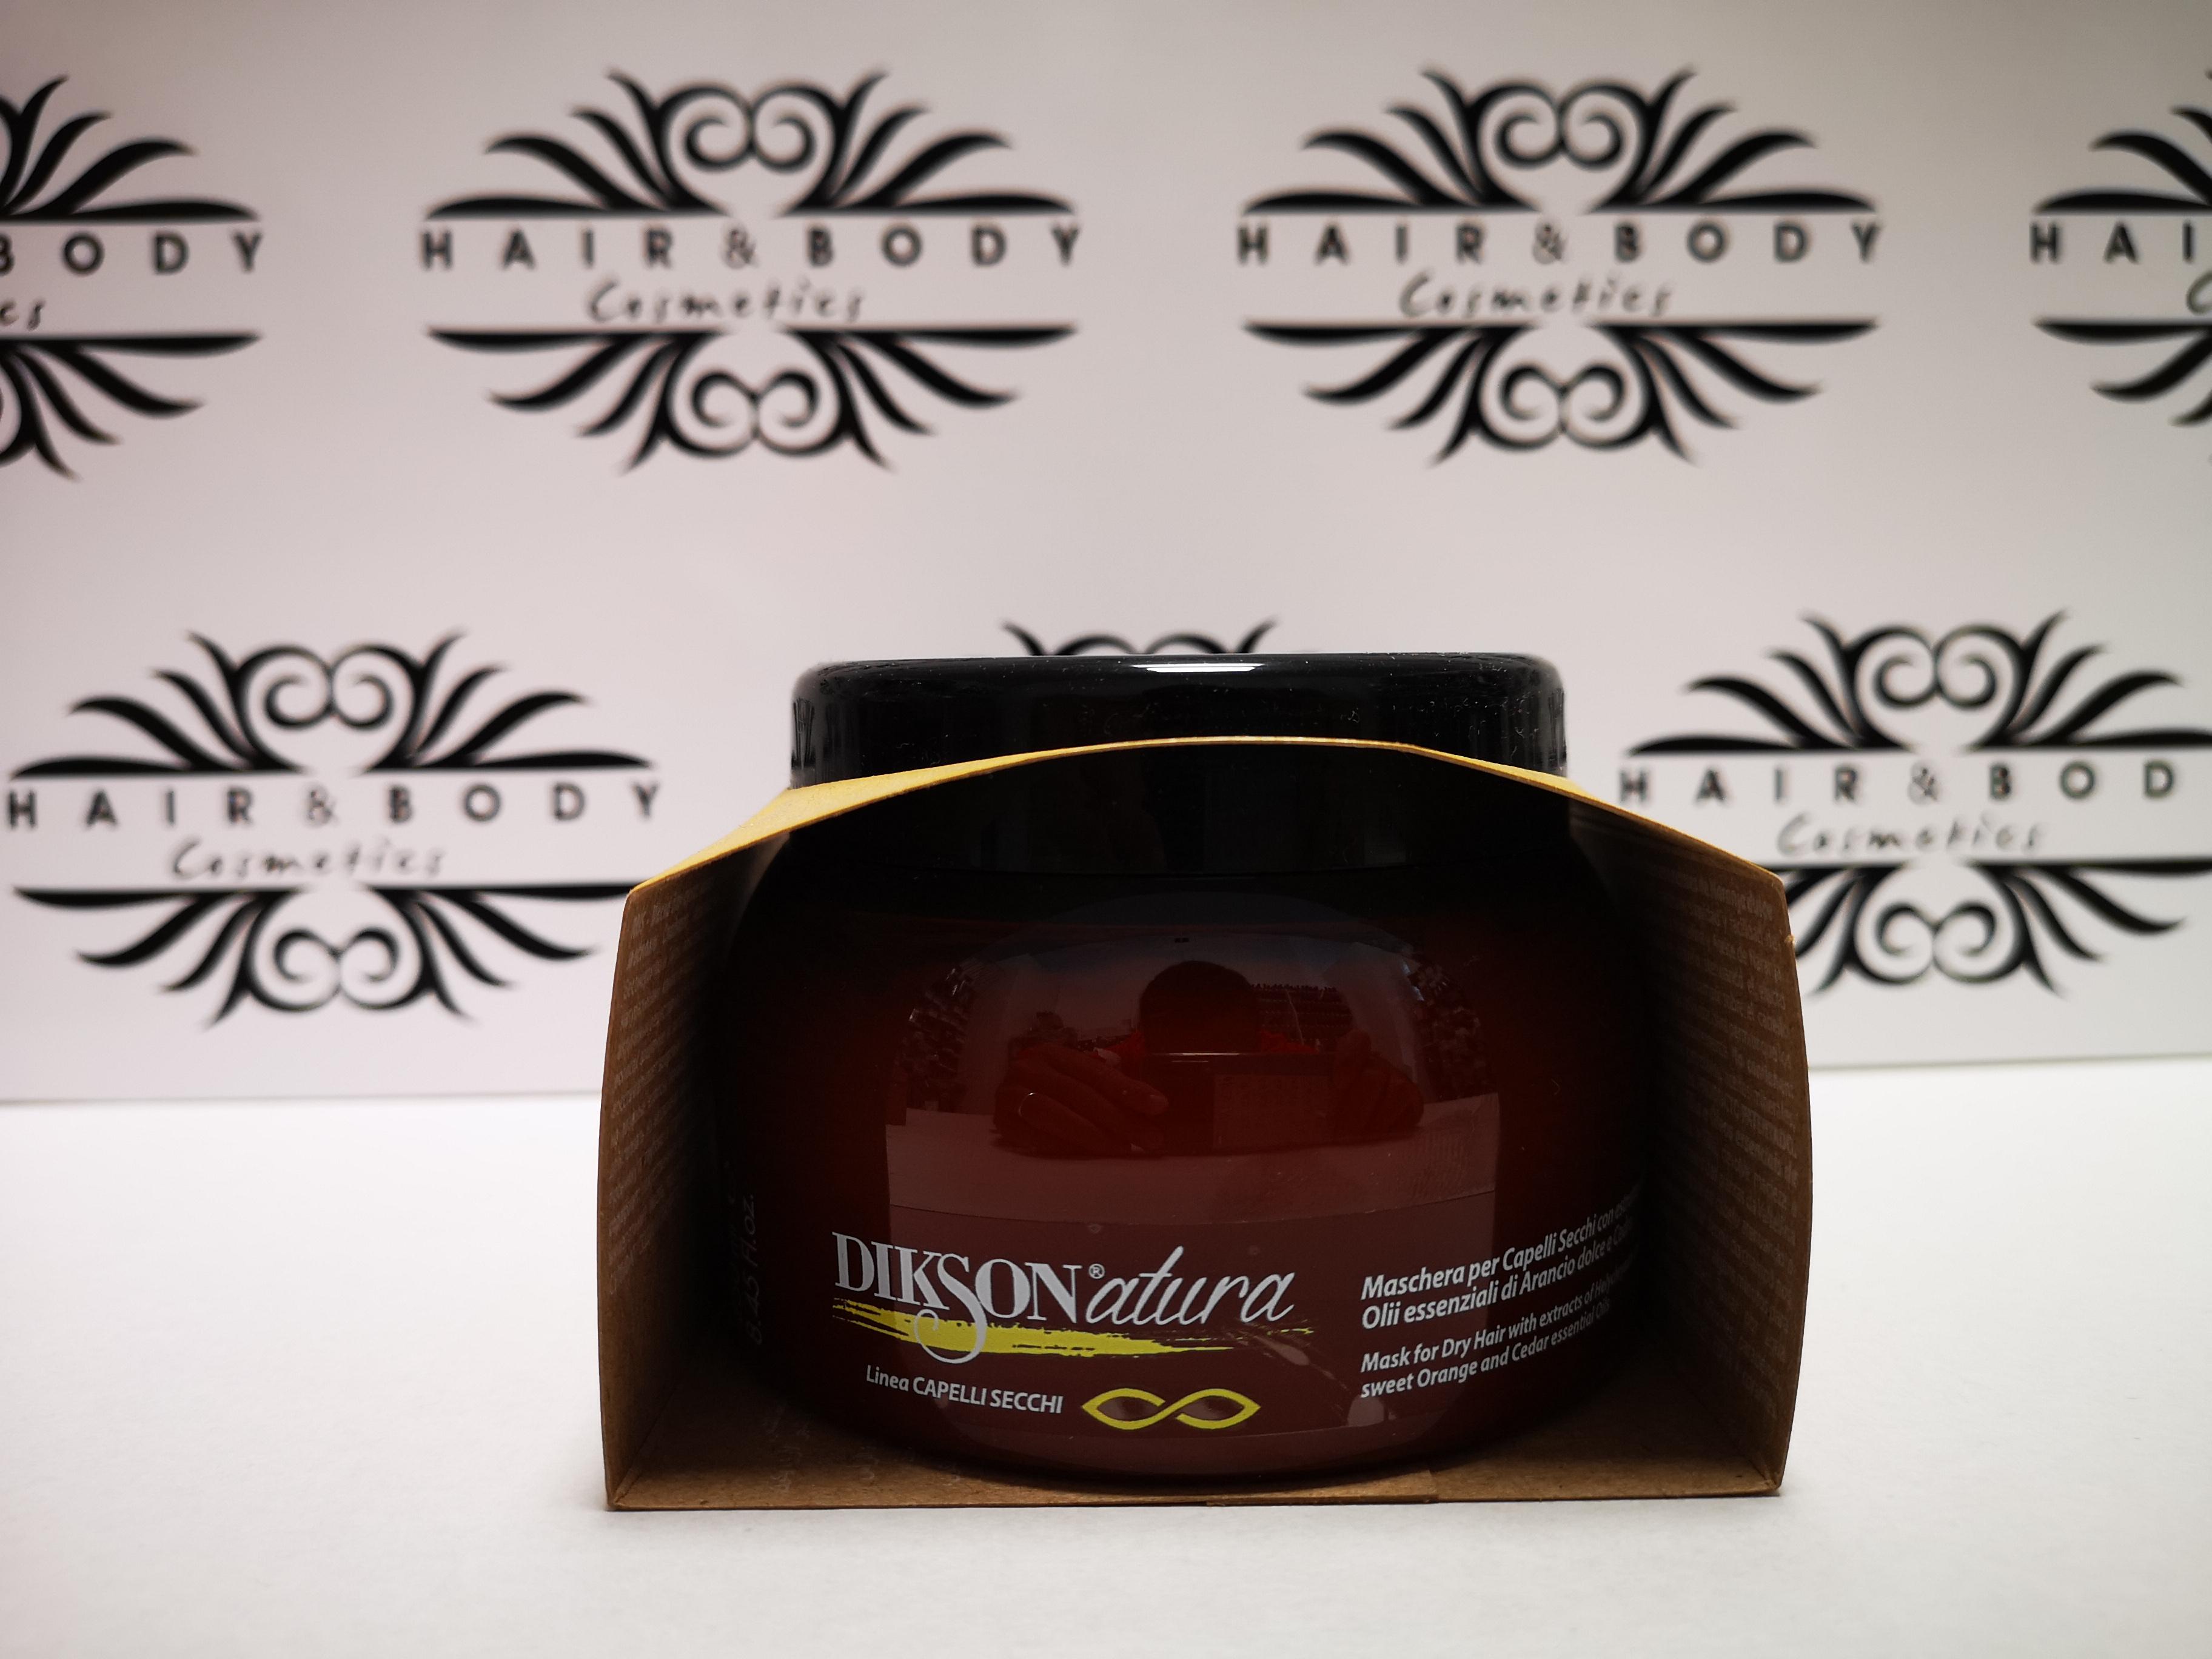 DIKSONATURA - Maschera per capelli secchi e colorati da 250ml